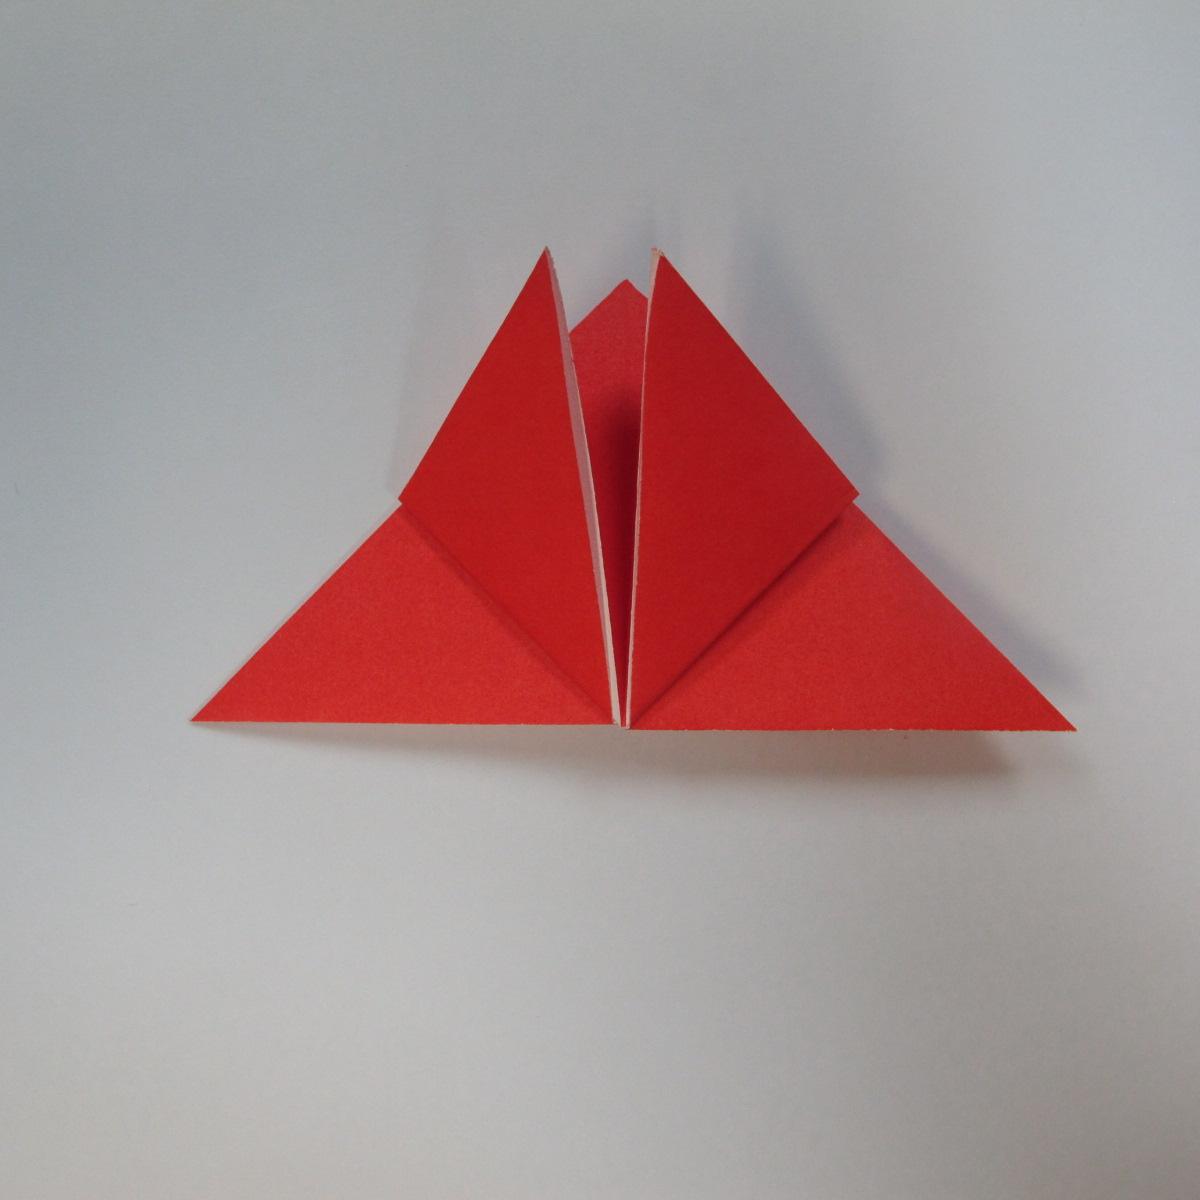 วิธีการพับกระดาษเป็นดาวหกแฉกแบบโมดูล่า 005